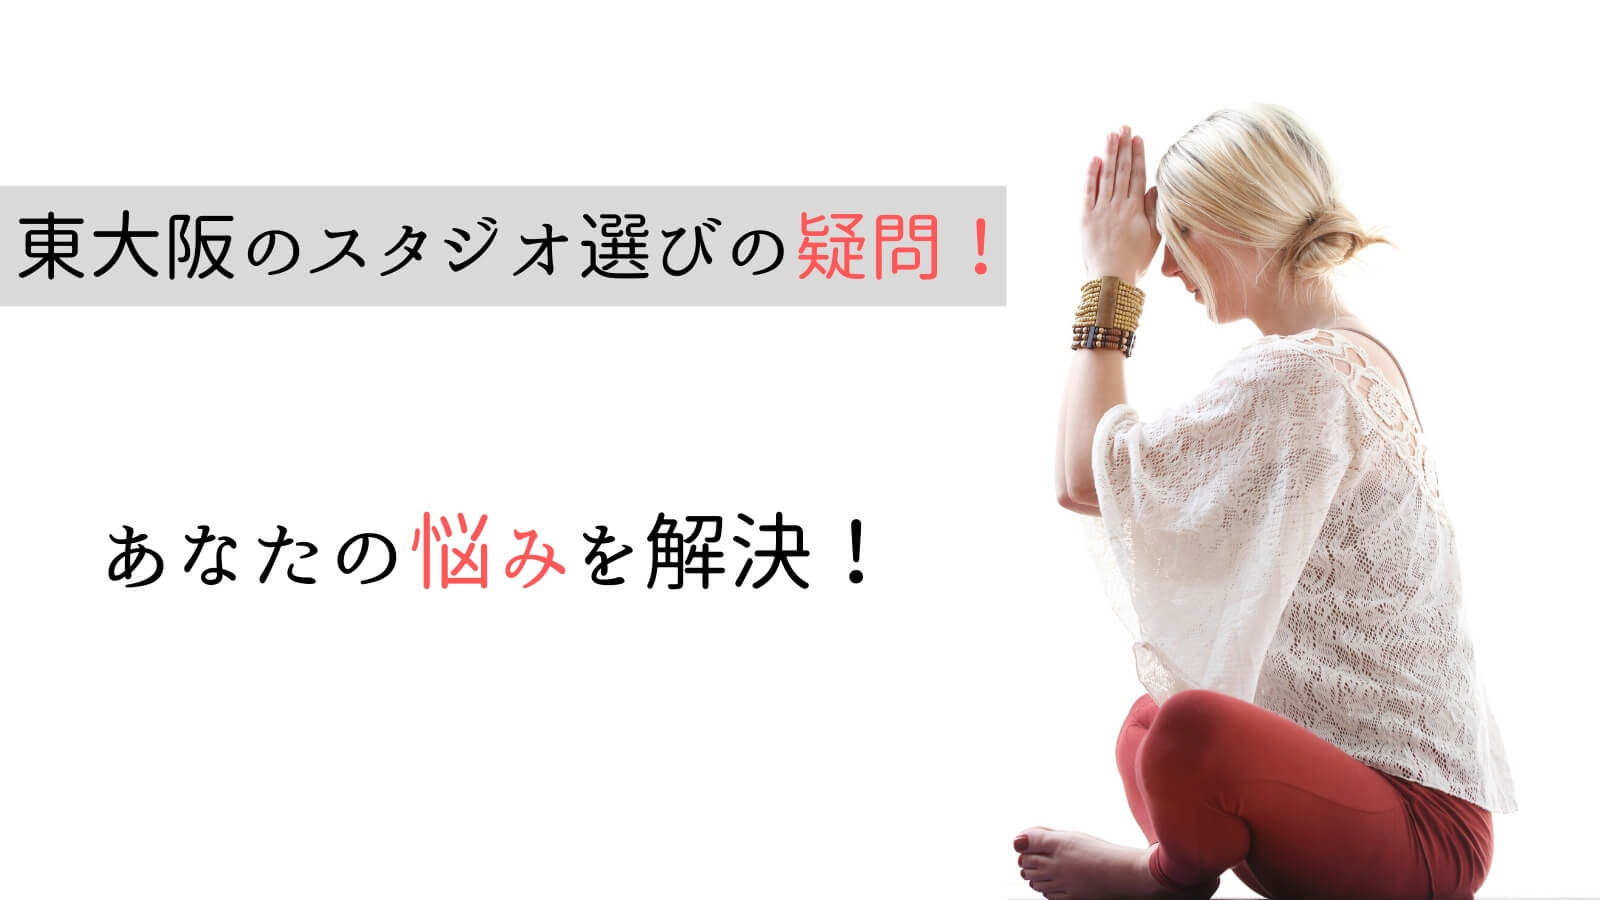 東大阪でのヨガ・ピラティススタジオ選びに関するQ&A